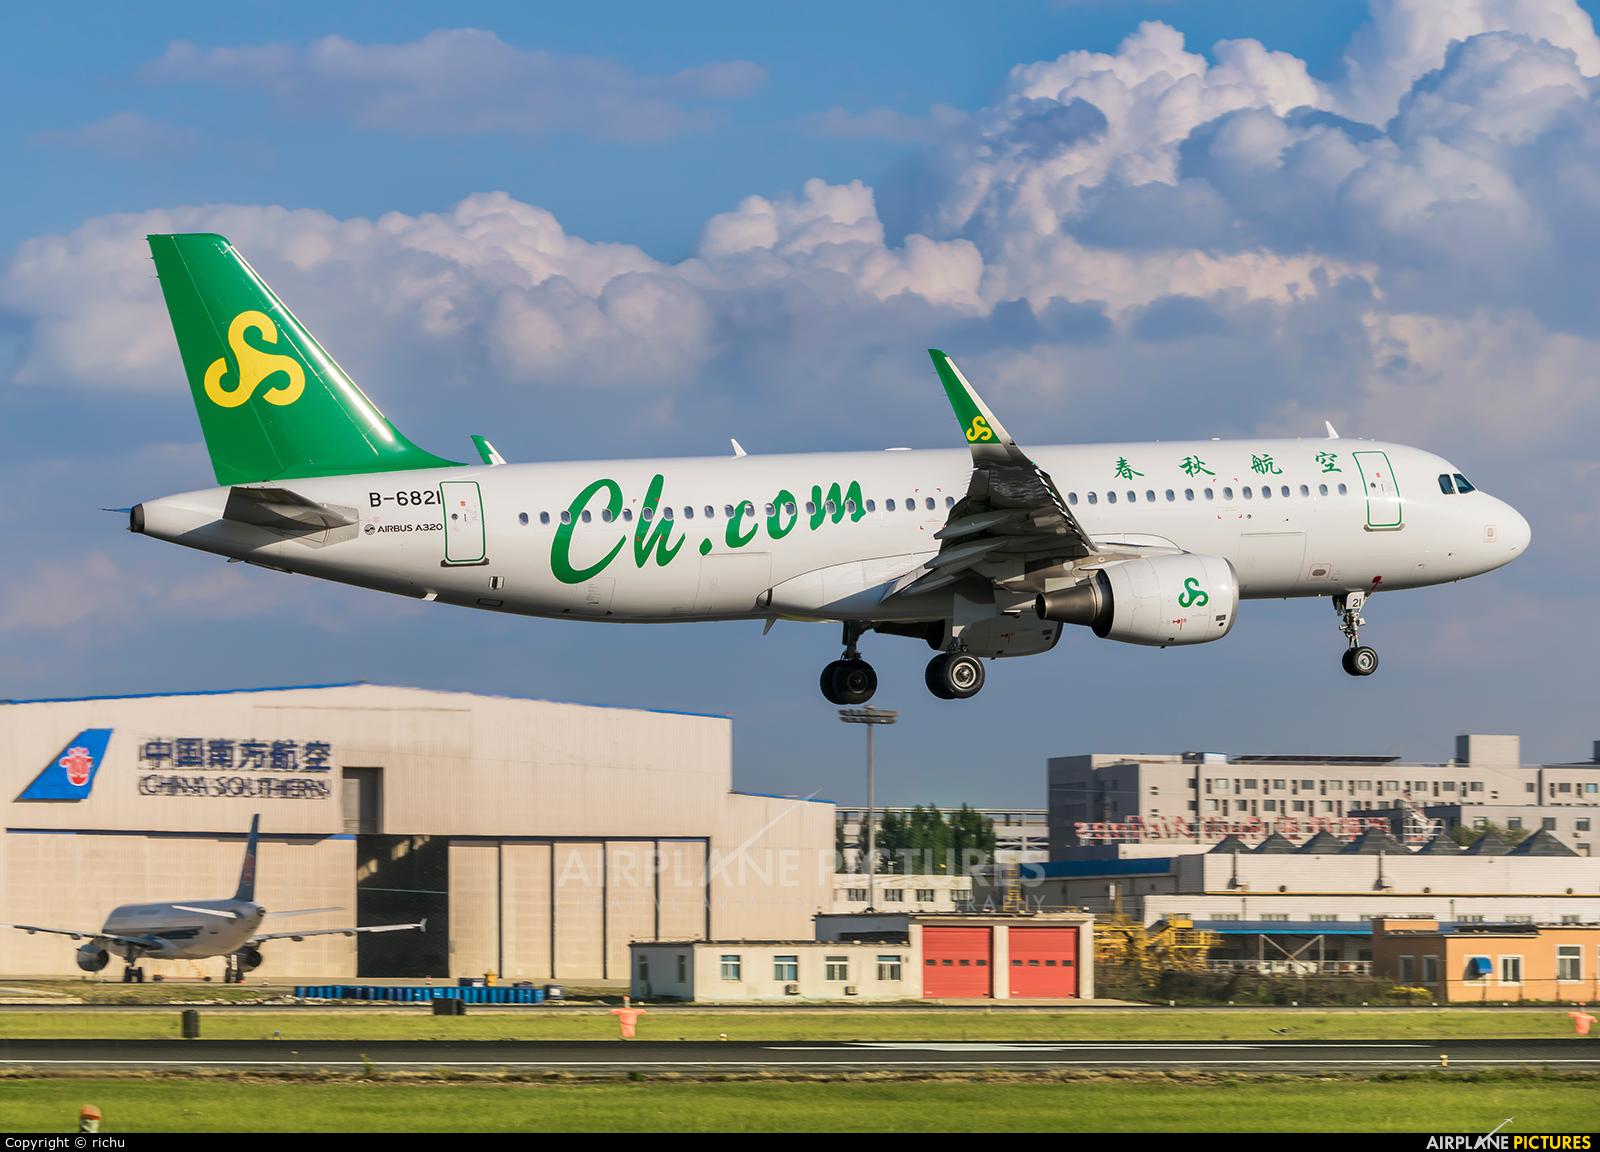 Spring Airlines B-6821 aircraft at Shenyang-Taoxian